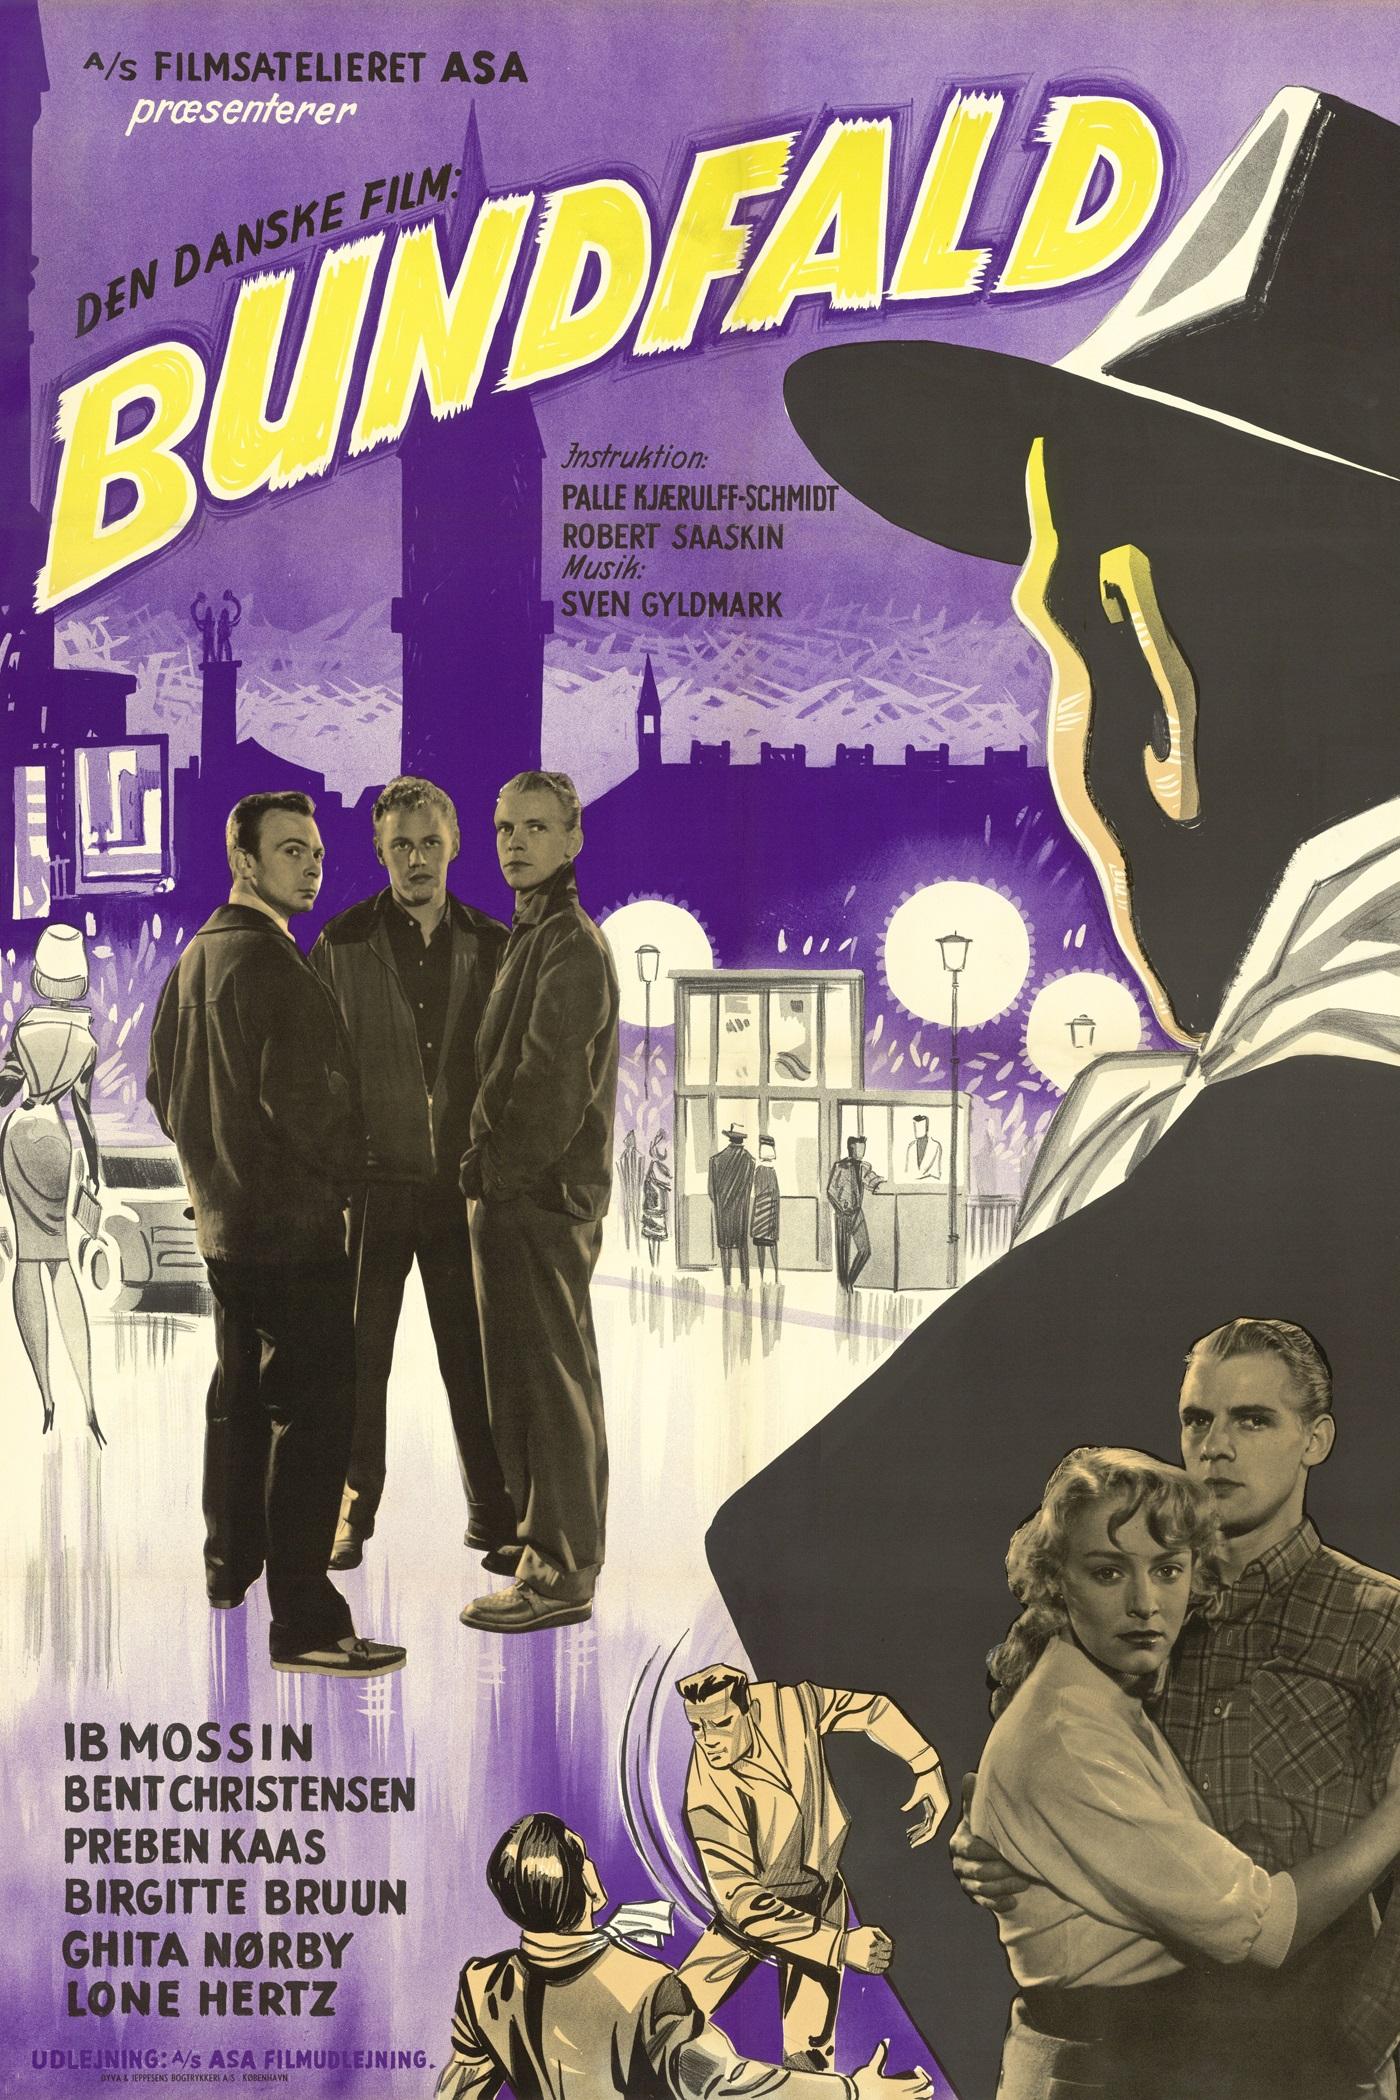 Bundfald -  - Film -  - 5708758702263 - 3/9-2020